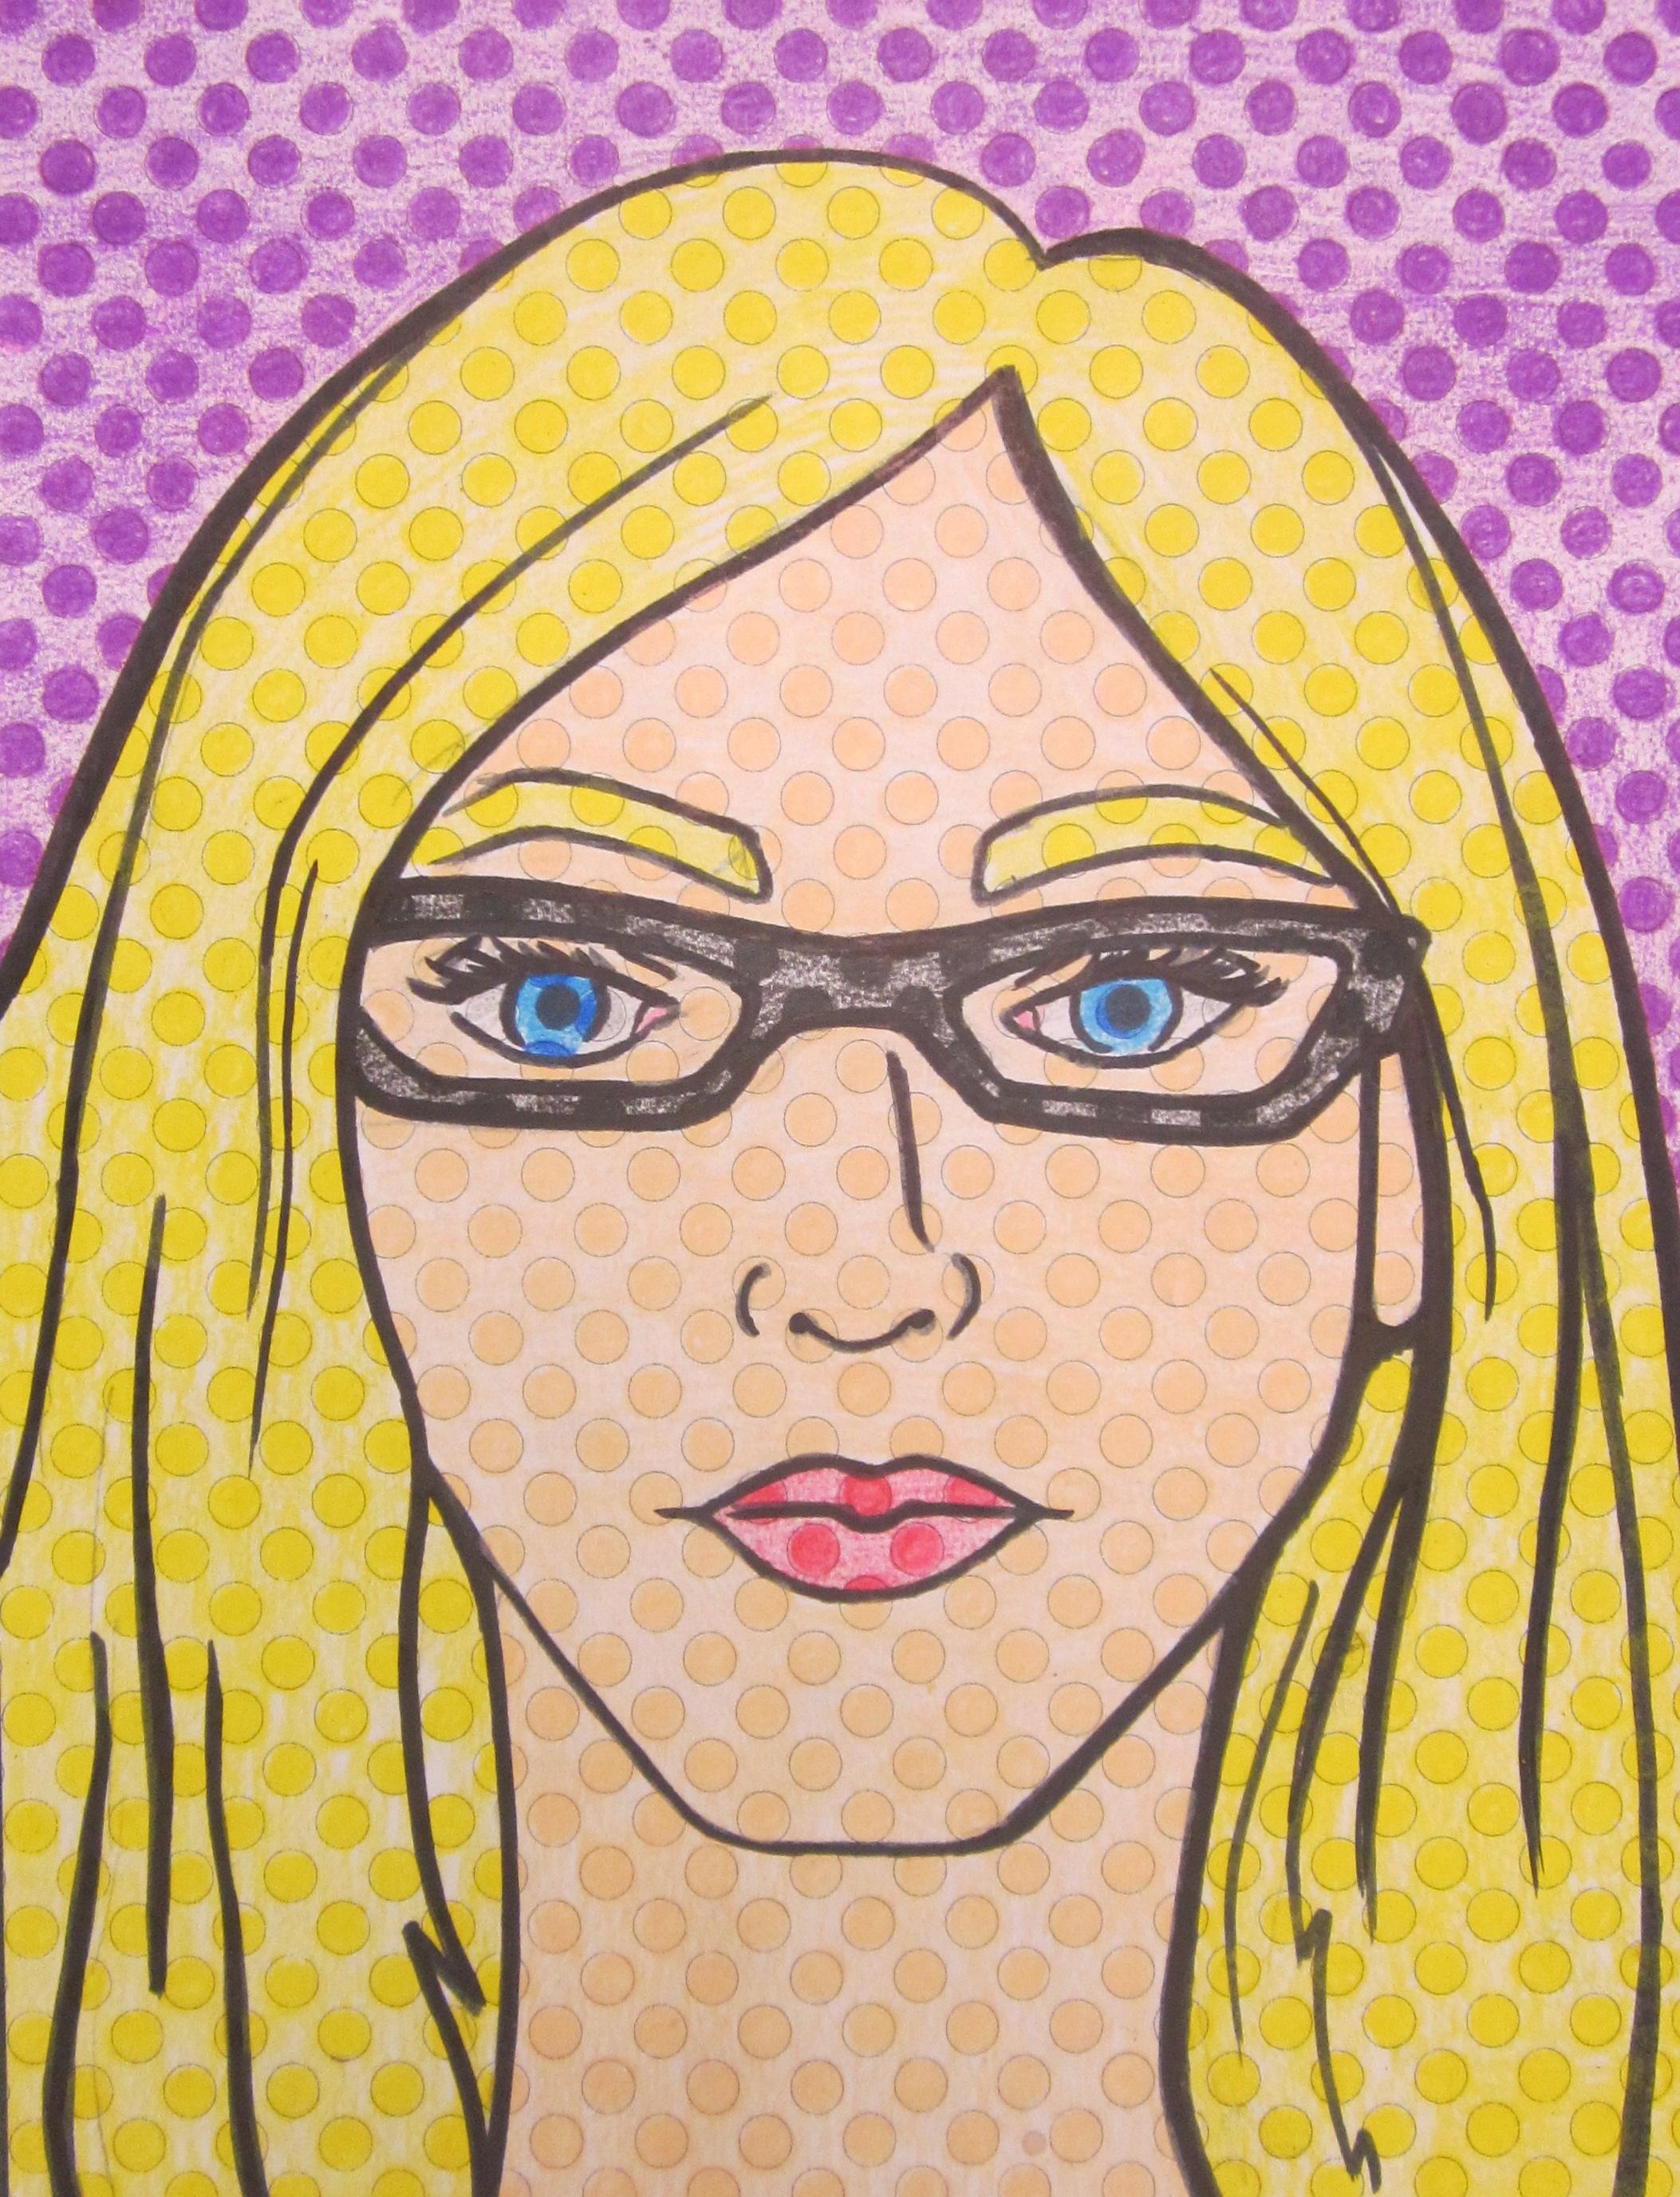 Drawn portrait kid Of Lichtenstein Lichtenstein school year